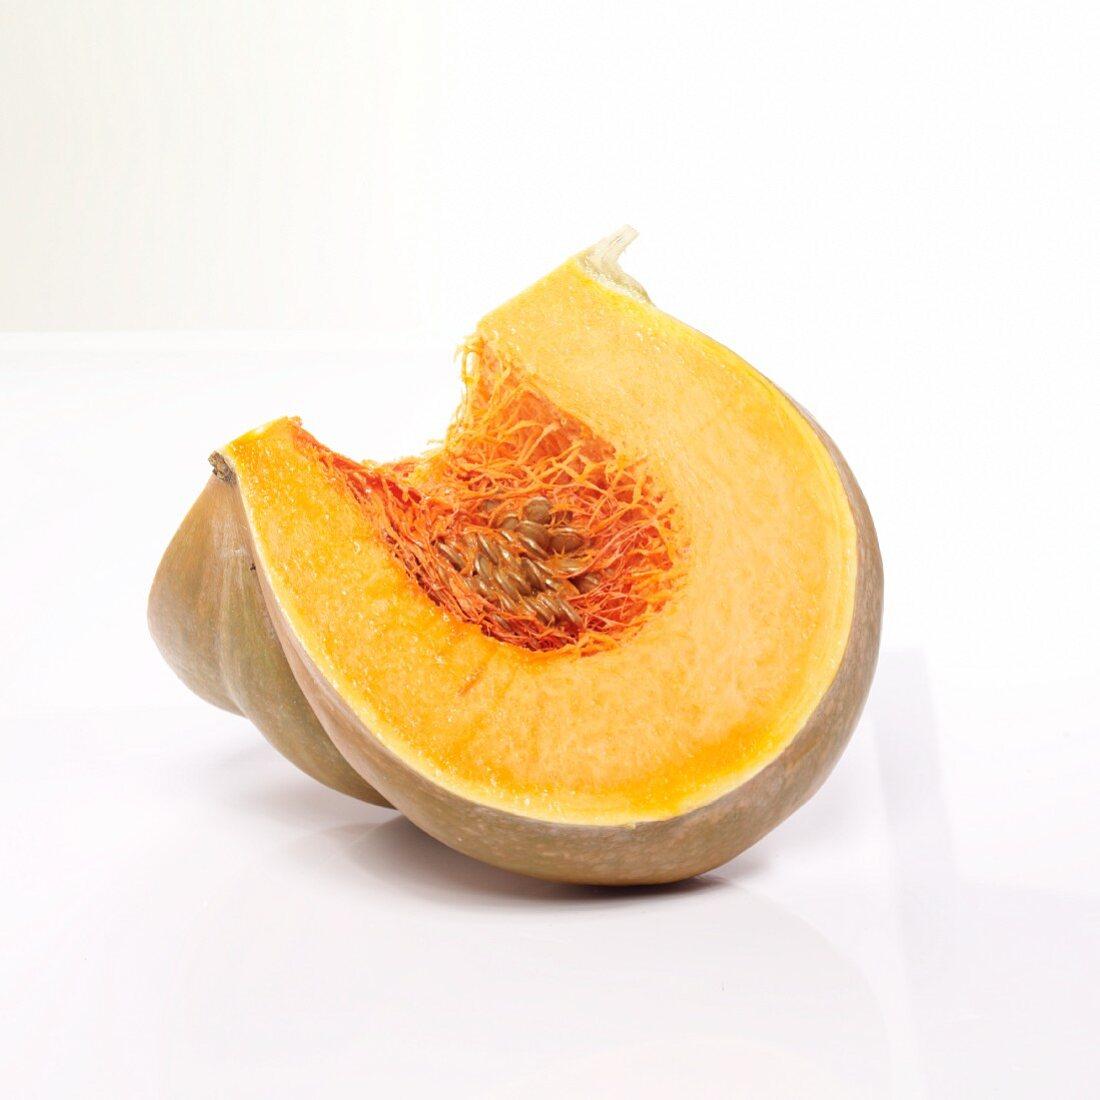 A quarter of a Muscat pumpkin